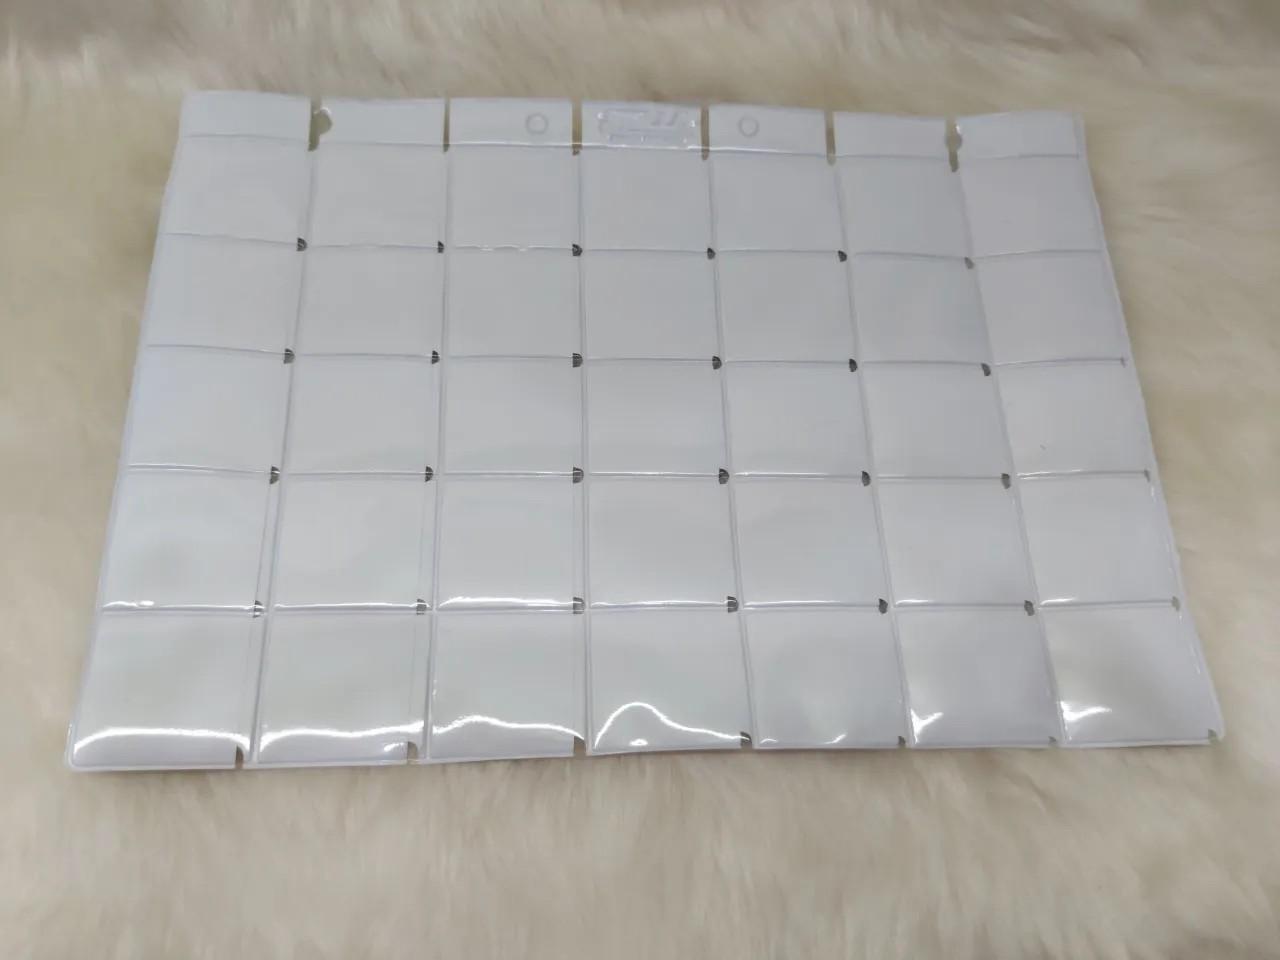 Folha plástica com 35 divisões